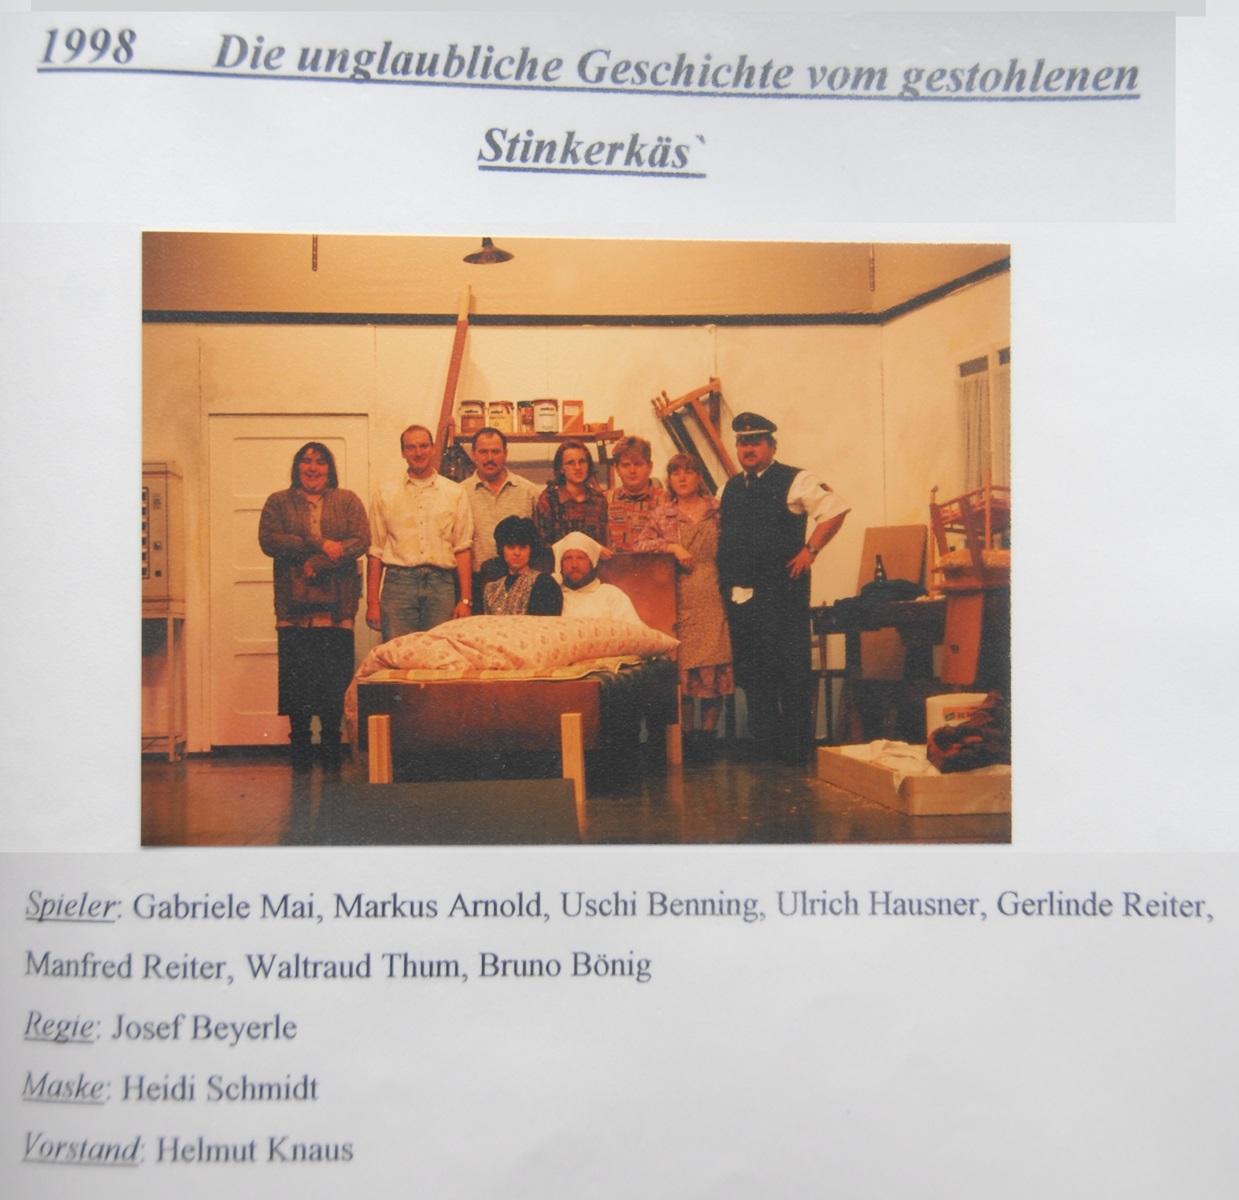 KSC-Theater-1998-Die-unglaubliche-Geschichte-vom-gestohlenen-Stinkerkñs